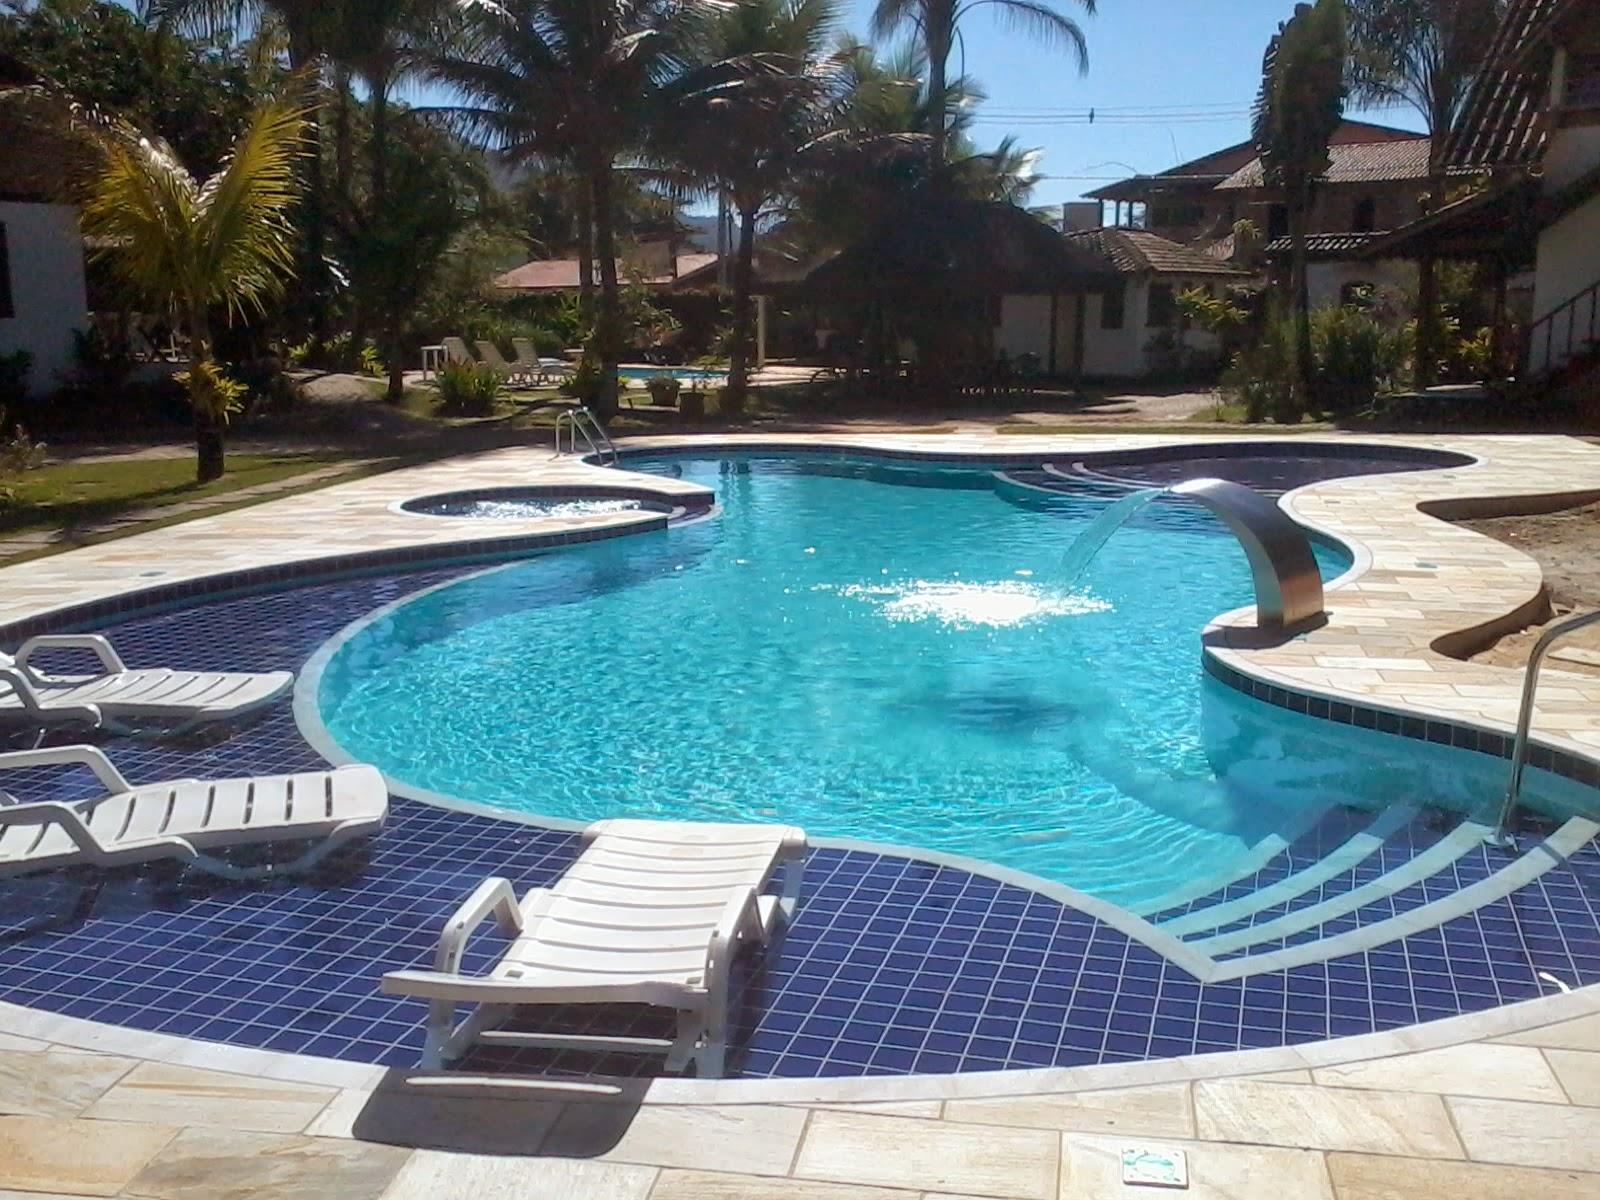 Troca de vinil por fibra em piscinas como e realizado for De piscinas